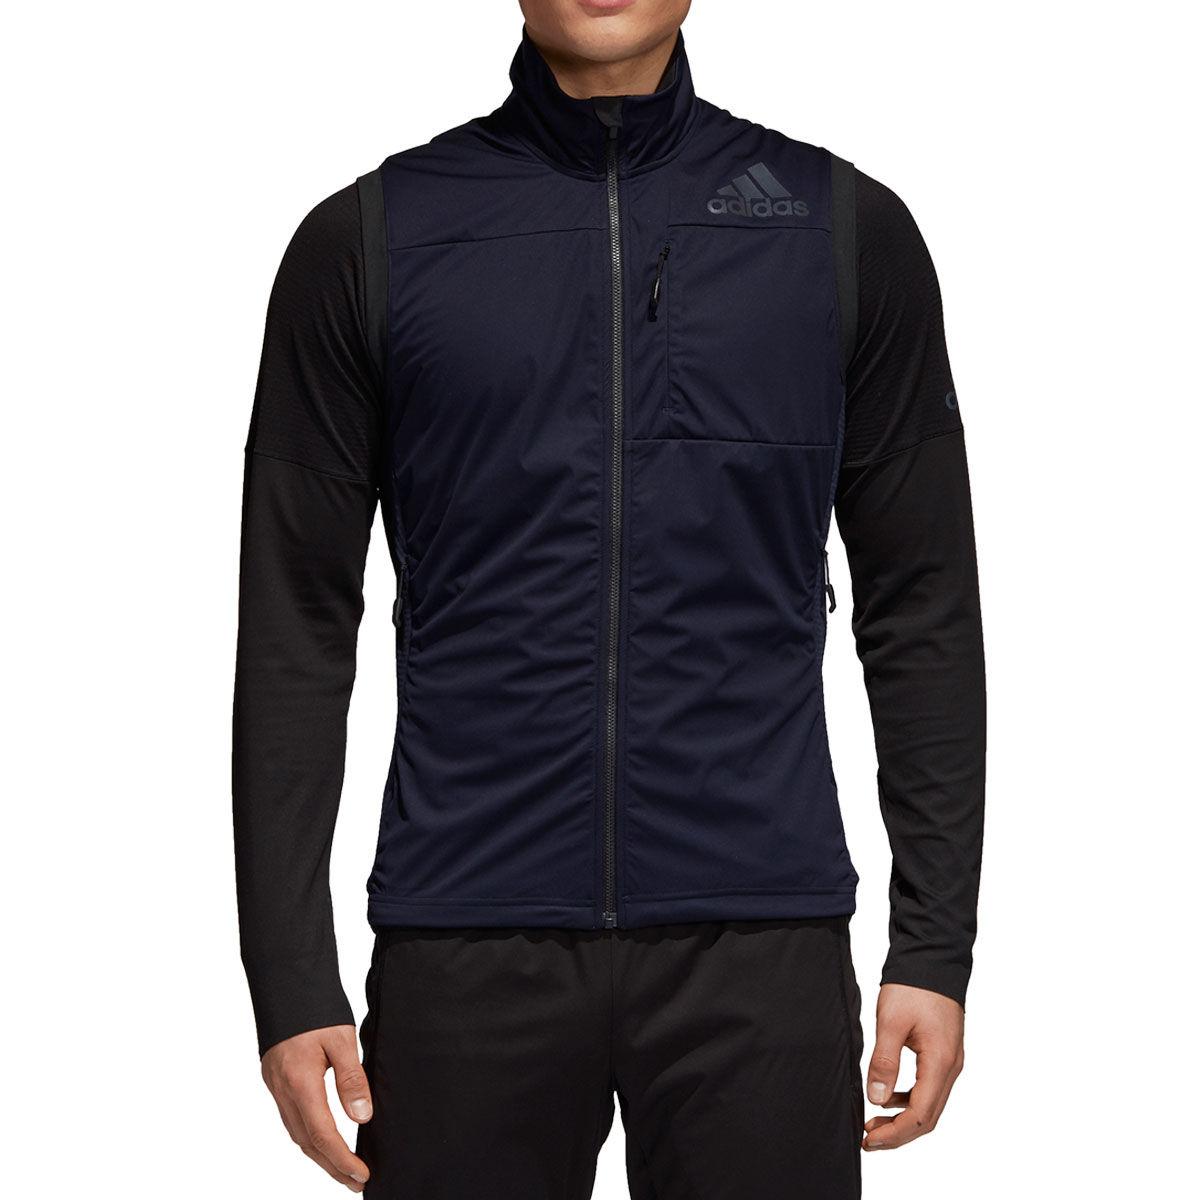 adidas Xperior Vest in Marine